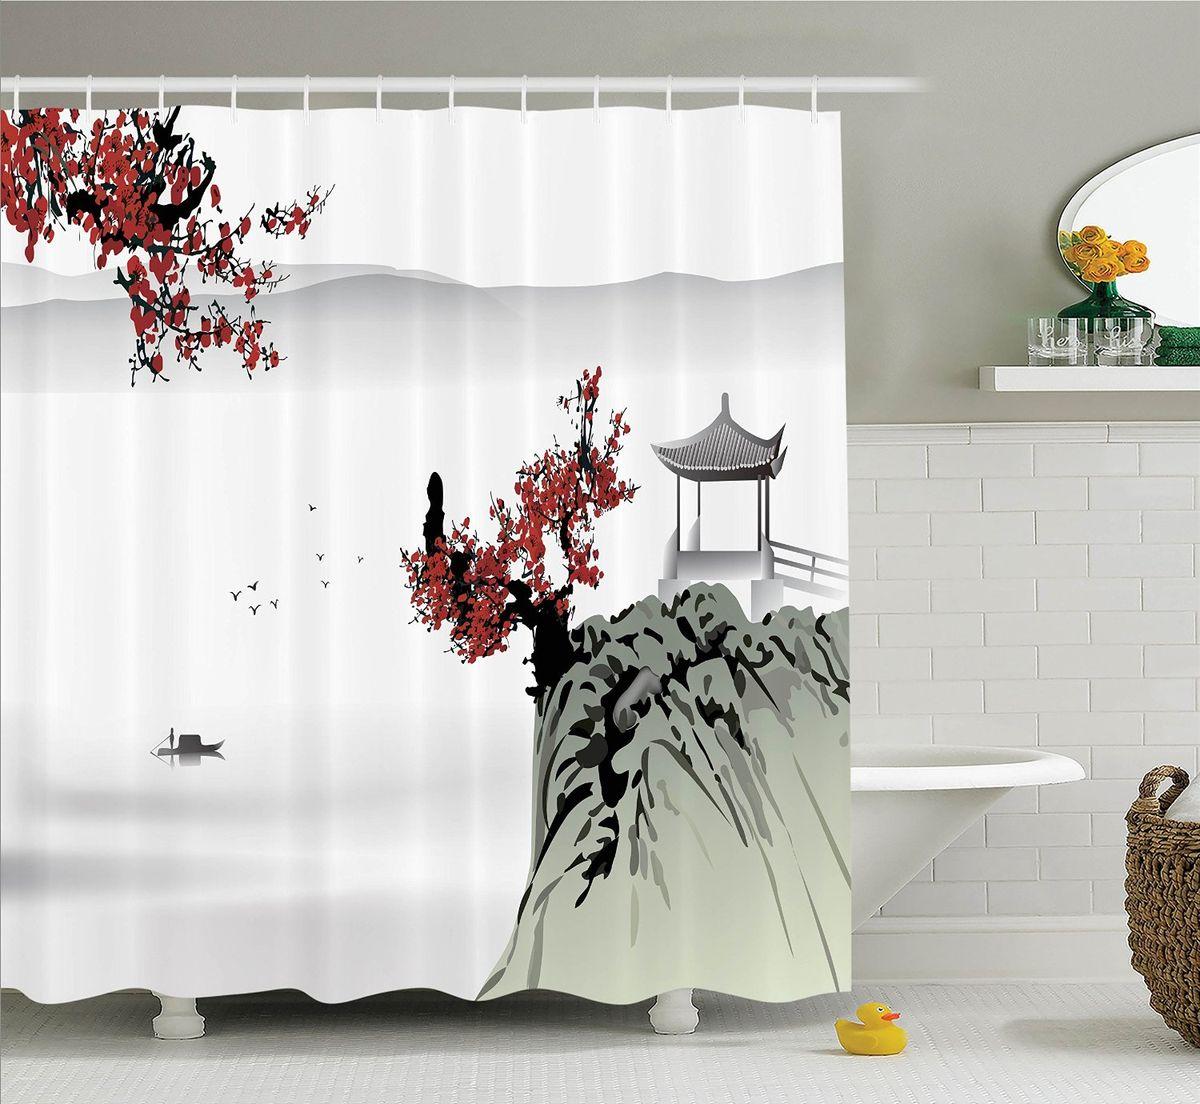 Штора для ванной комнаты Magic Lady Сакура и беседка на горе, 180 х 200 см391602Штора Magic Lady Сакура и беседка на горе, изготовленная из высококачественного сатена (полиэстер 100%), отлично дополнит любой интерьер ванной комнаты. При изготовлении используются специальные гипоаллергенные чернила для прямой печати по ткани, безопасные для человека.В комплекте: 1 штора, 12 крючков. Обращаем ваше внимание, фактический цвет изделия может незначительно отличаться от представленного на фото.